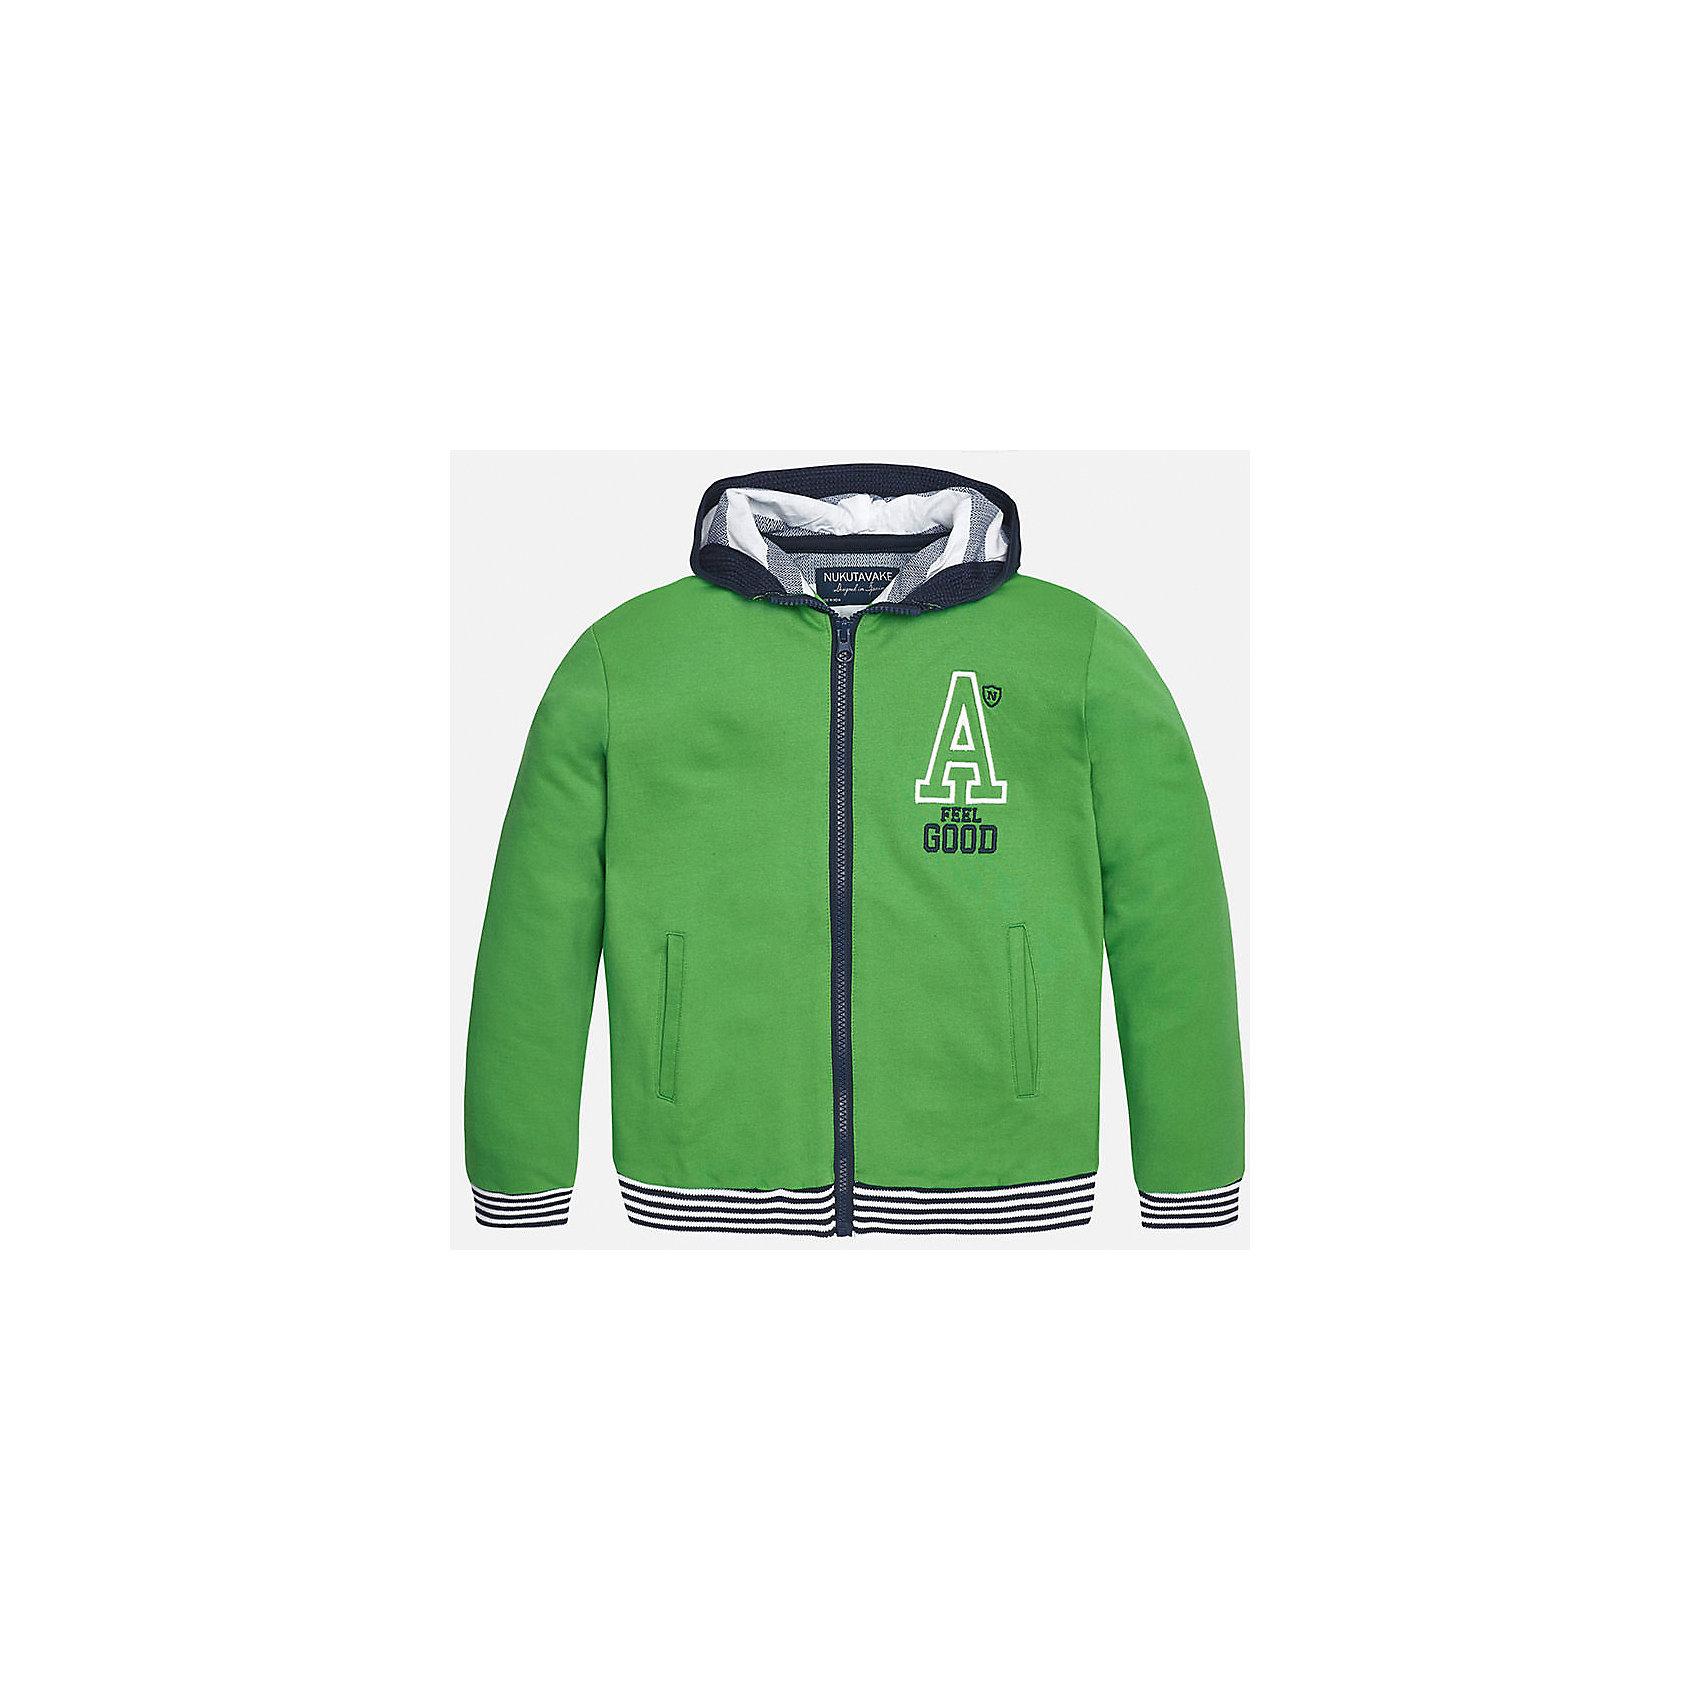 Толстовка для мальчика MayoralТолстовки<br>Характеристики товара:<br><br>• цвет: зеленый<br>• состав: 100% хлопок<br>• капюшон<br>• карманы<br>• застежка: молния<br>• вышивка<br>• страна бренда: Испания<br><br>Модная куртка для мальчика может стать базовой вещью в гардеробе ребенка. Она отлично сочетается с майками, футболками, рубашками и т.д. Универсальный крой и цвет позволяет подобрать к вещи низ разных расцветок. Практичное и стильное изделие! В составе материала - натуральный хлопок, гипоаллергенный, приятный на ощупь, дышащий.<br><br>Одежда, обувь и аксессуары от испанского бренда Mayoral полюбились детям и взрослым по всему миру. Модели этой марки - стильные и удобные. Для их производства используются только безопасные, качественные материалы и фурнитура. Порадуйте ребенка модными и красивыми вещами от Mayoral! <br><br>Куртку для мальчика от испанского бренда Mayoral (Майорал) можно купить в нашем интернет-магазине.<br><br>Ширина мм: 356<br>Глубина мм: 10<br>Высота мм: 245<br>Вес г: 519<br>Цвет: зеленый<br>Возраст от месяцев: 144<br>Возраст до месяцев: 156<br>Пол: Мужской<br>Возраст: Детский<br>Размер: 164,158,170,128/134,140,152<br>SKU: 5281916